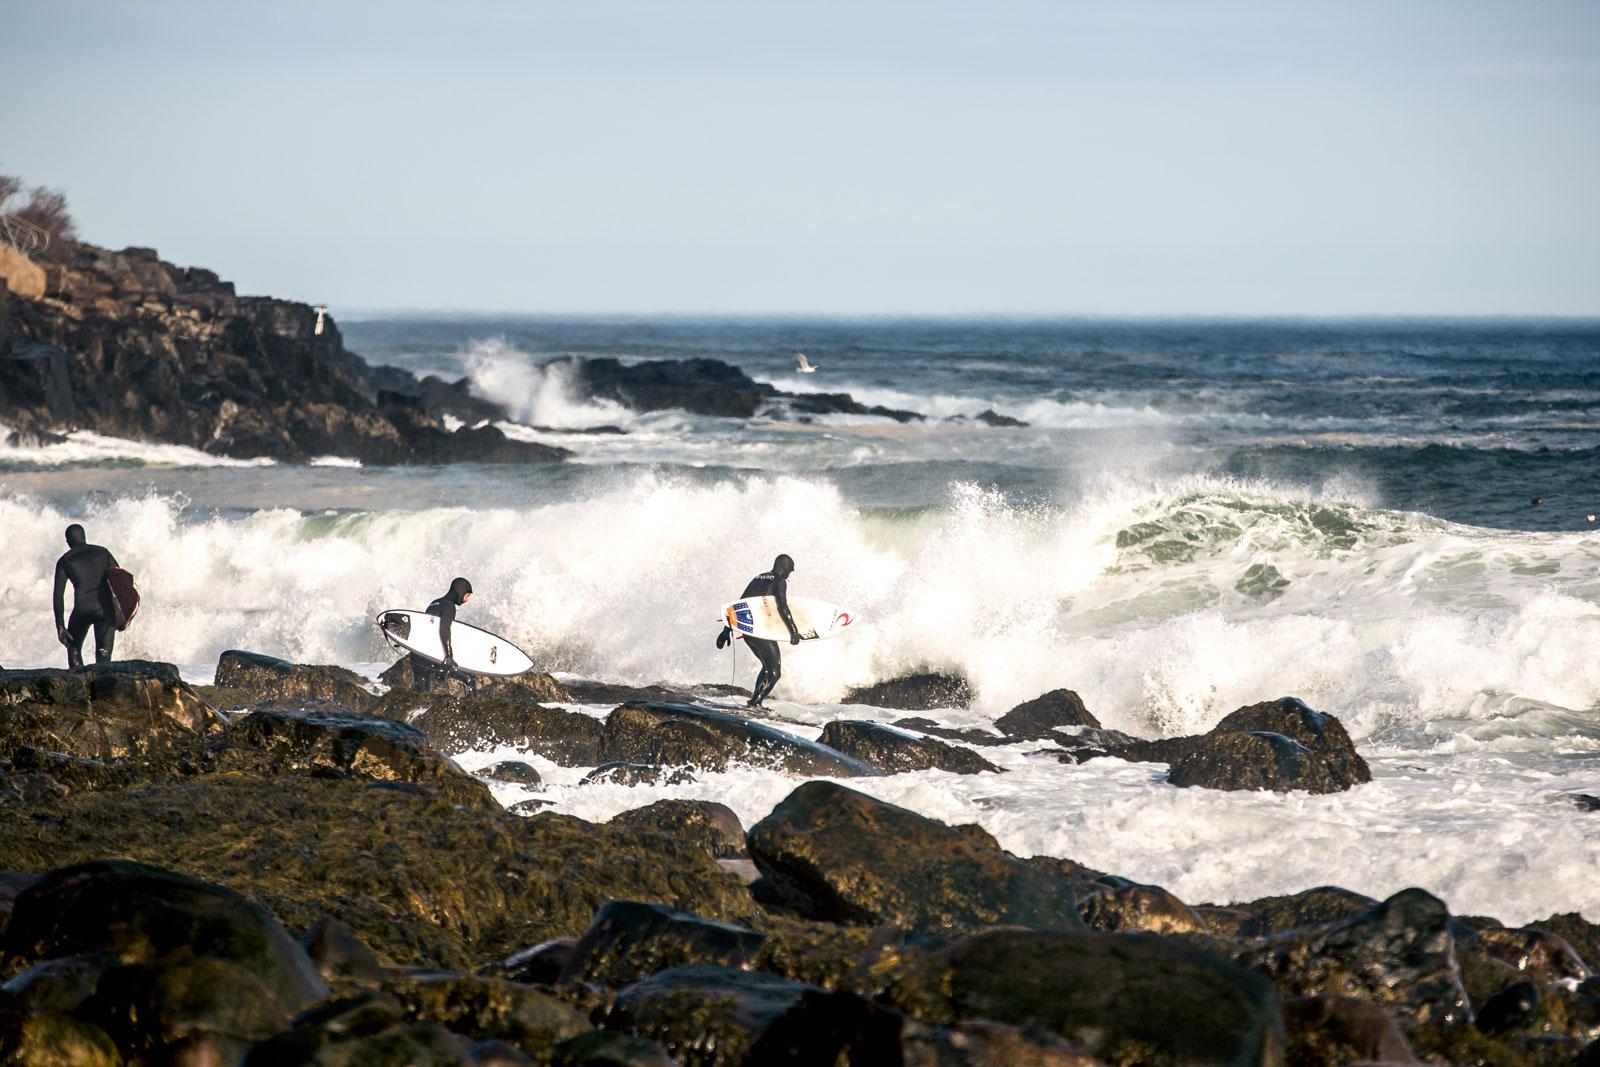 Il faut bien comprendre les subtilités de chaque spot pour être en mesure de choisir où surfer. Quand vous nous voyez regarder l'horizon un café entre les mains, ce n'est pas seulement pour faire beau à la caméra, on analyse notre terrain de jeu.